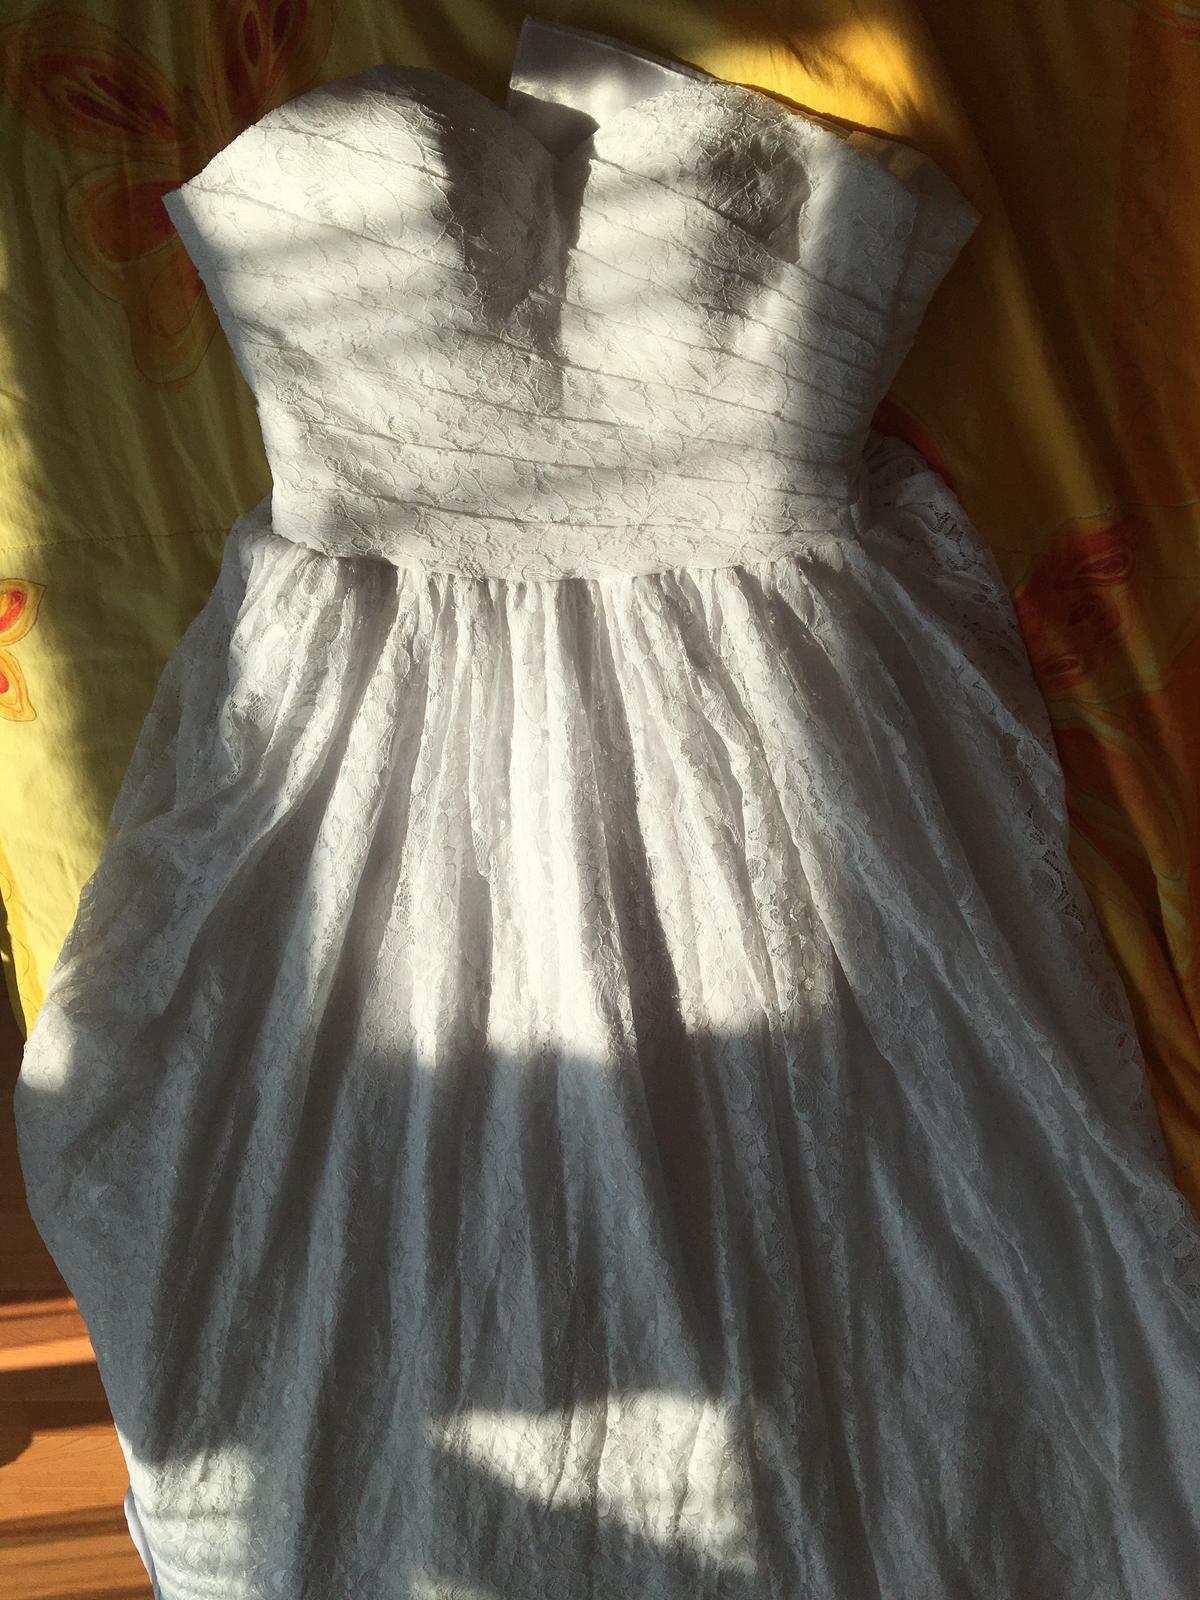 Celokrajkové šaty - N o v é - XS až S - Obrázek č. 3